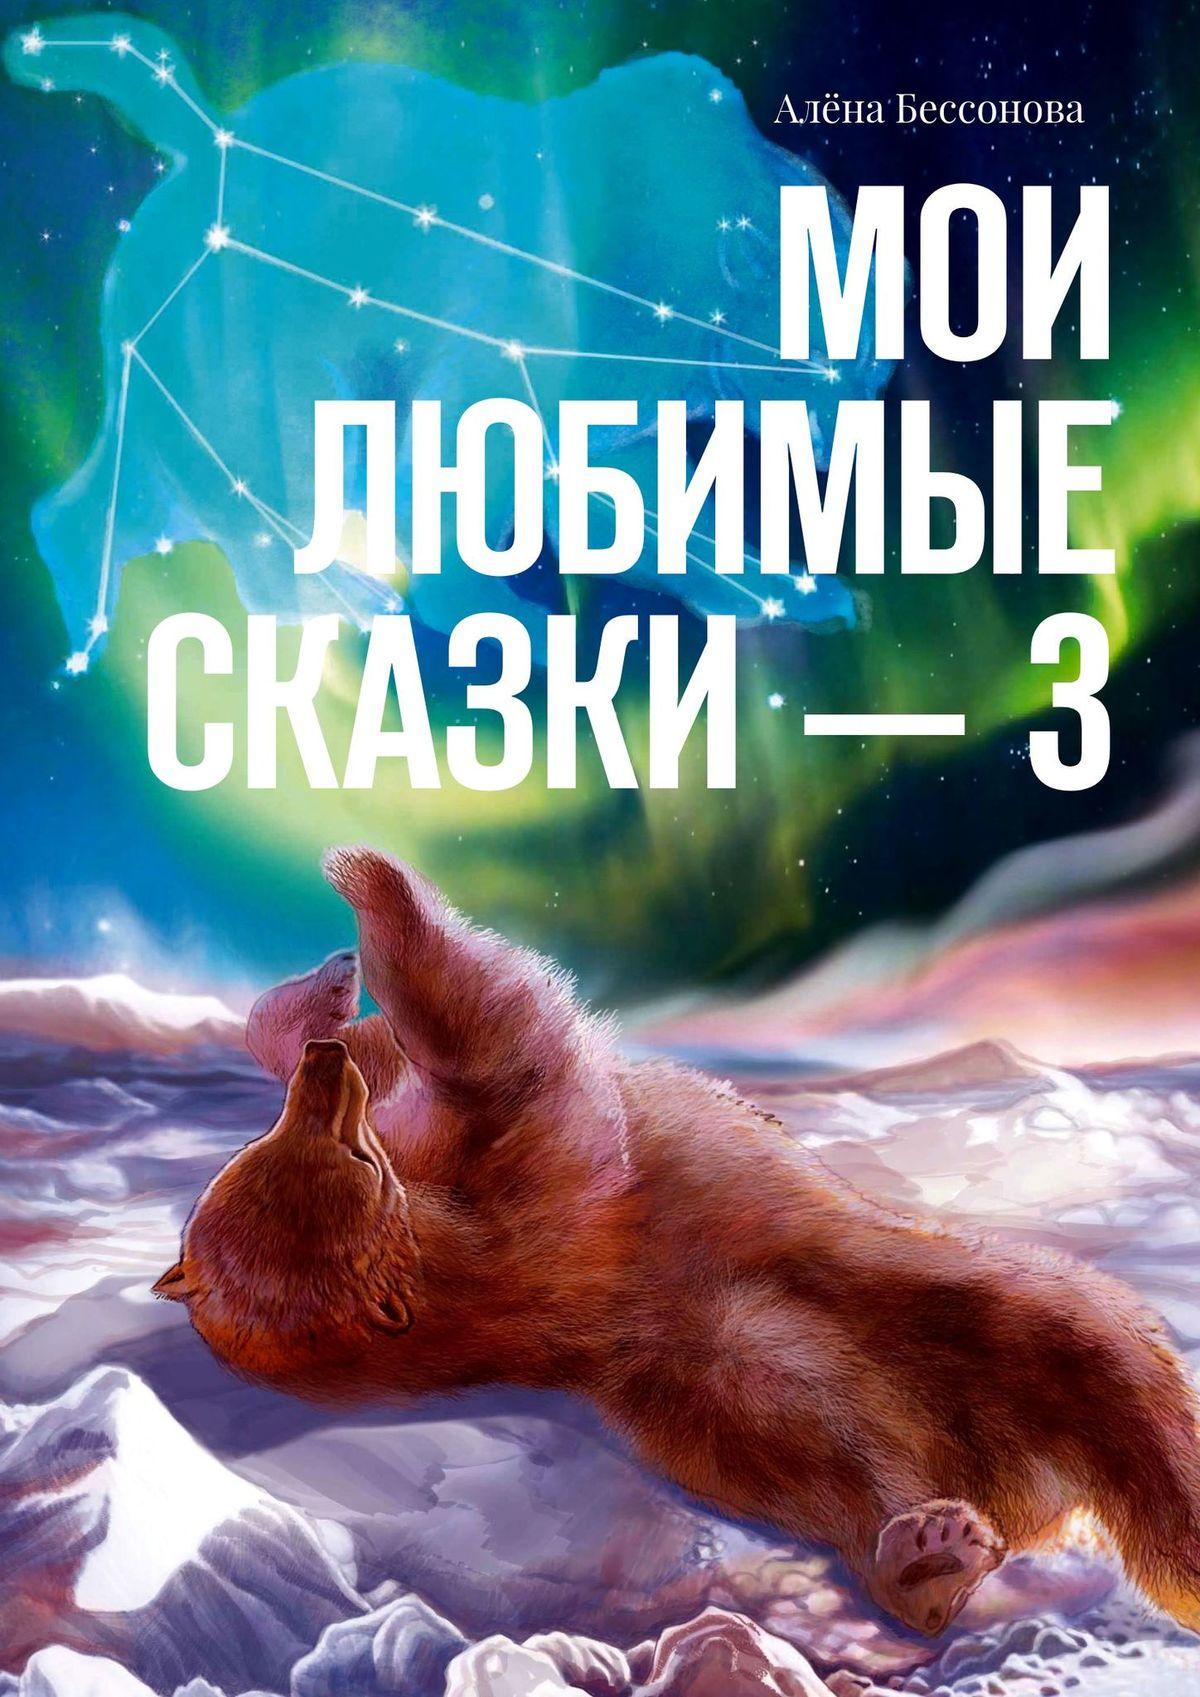 Мои любимые сказки – 3